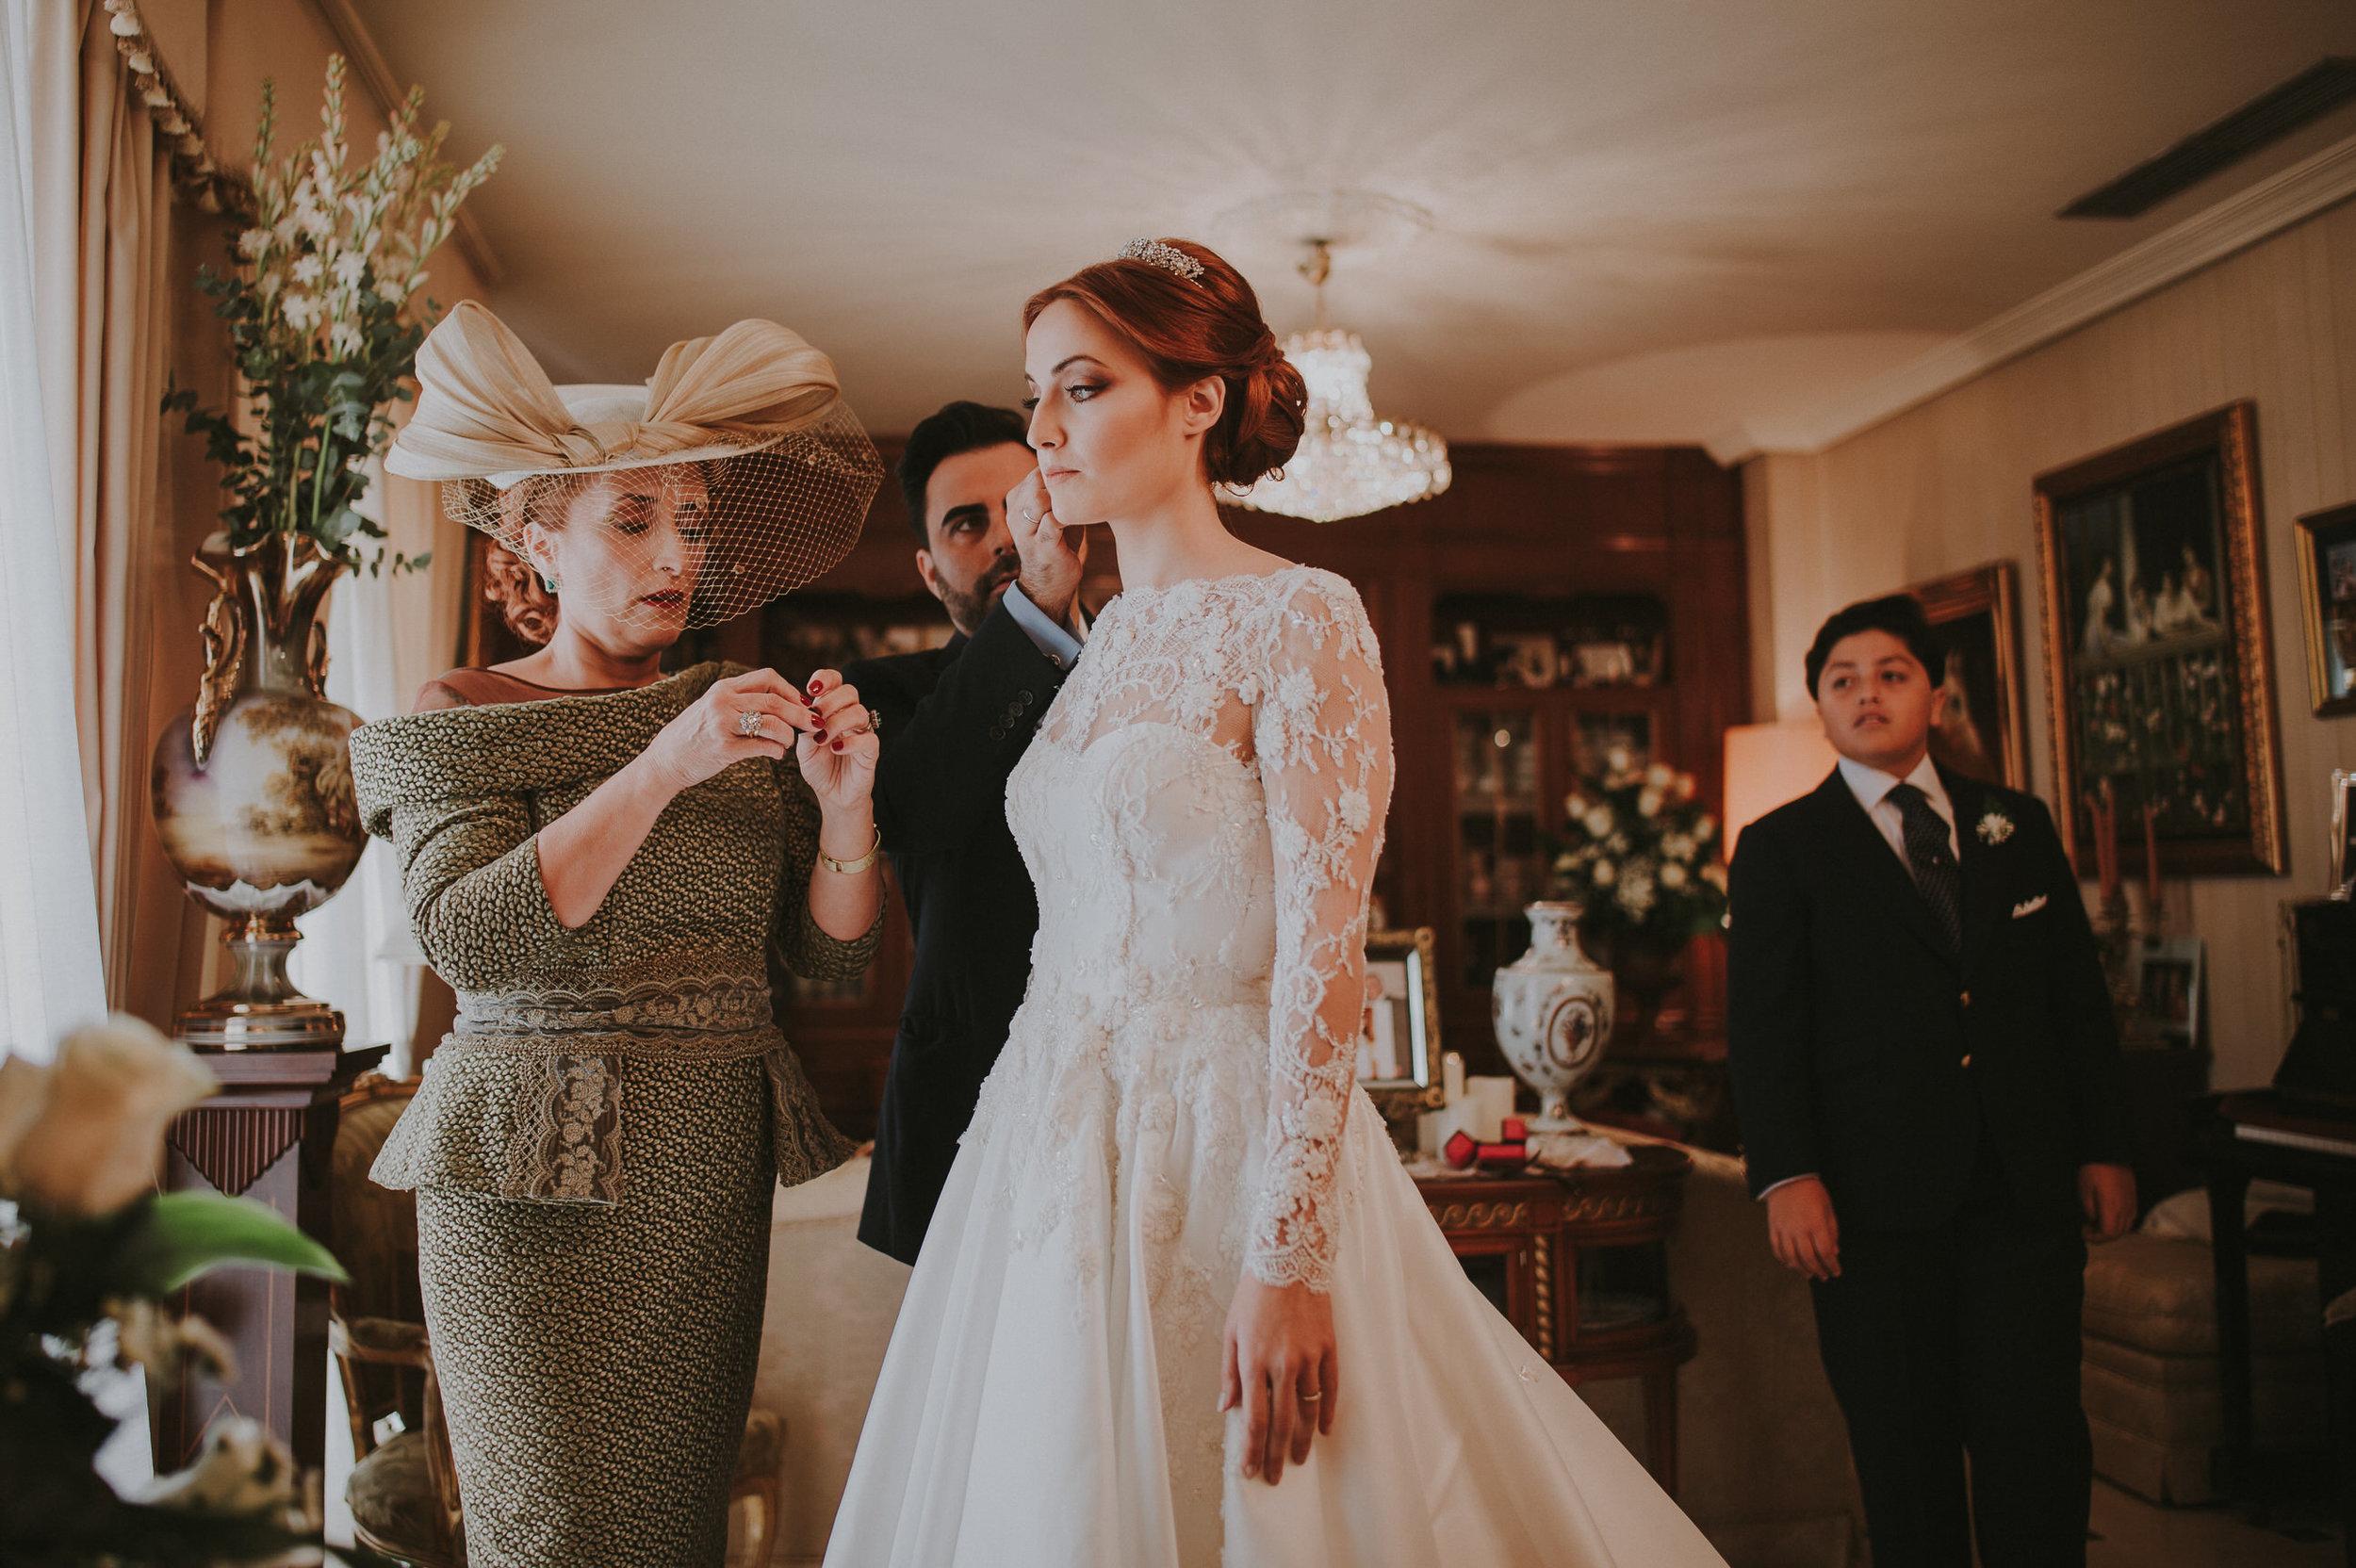 Andrés+Amarillo+fotografo+boda+Utrera+Dos+Hermanas+Santa+Maria+la+blanca+albaraca+Ivan+Campaña+los+tumbao (35).JPG